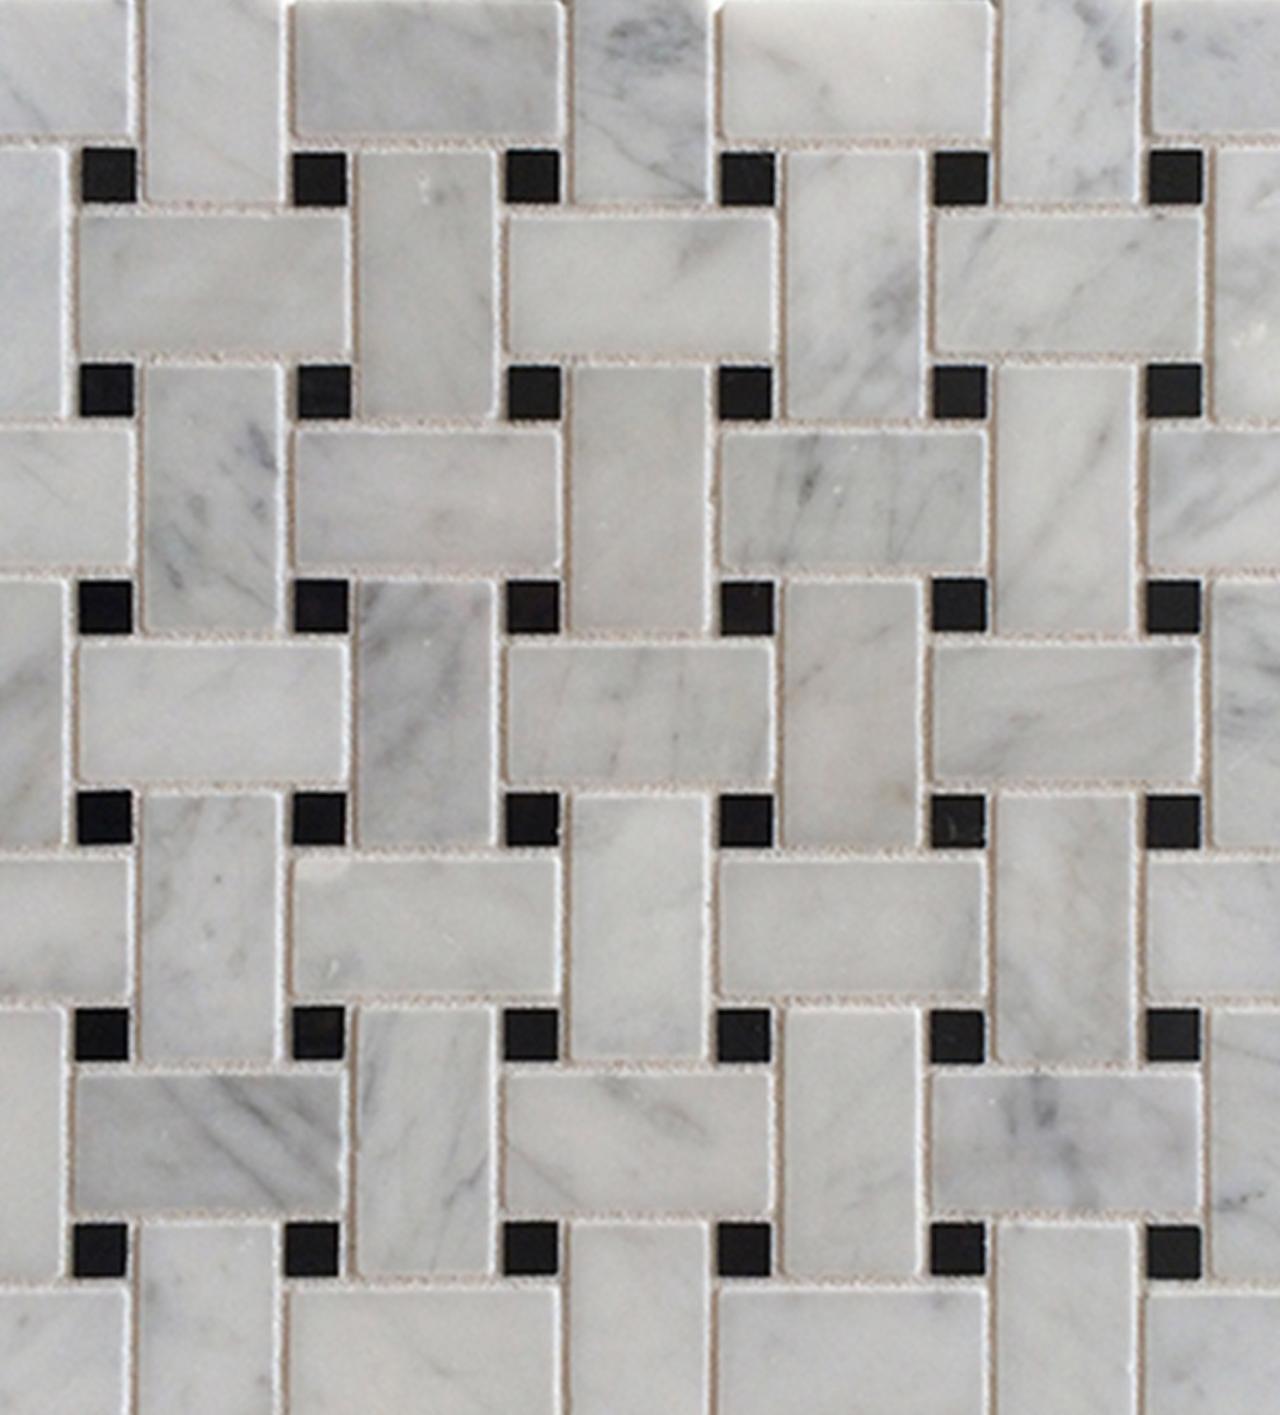 marbre carrare prix elegant excellent tablette radiateur marbre marbre de carrare blanc prix. Black Bedroom Furniture Sets. Home Design Ideas